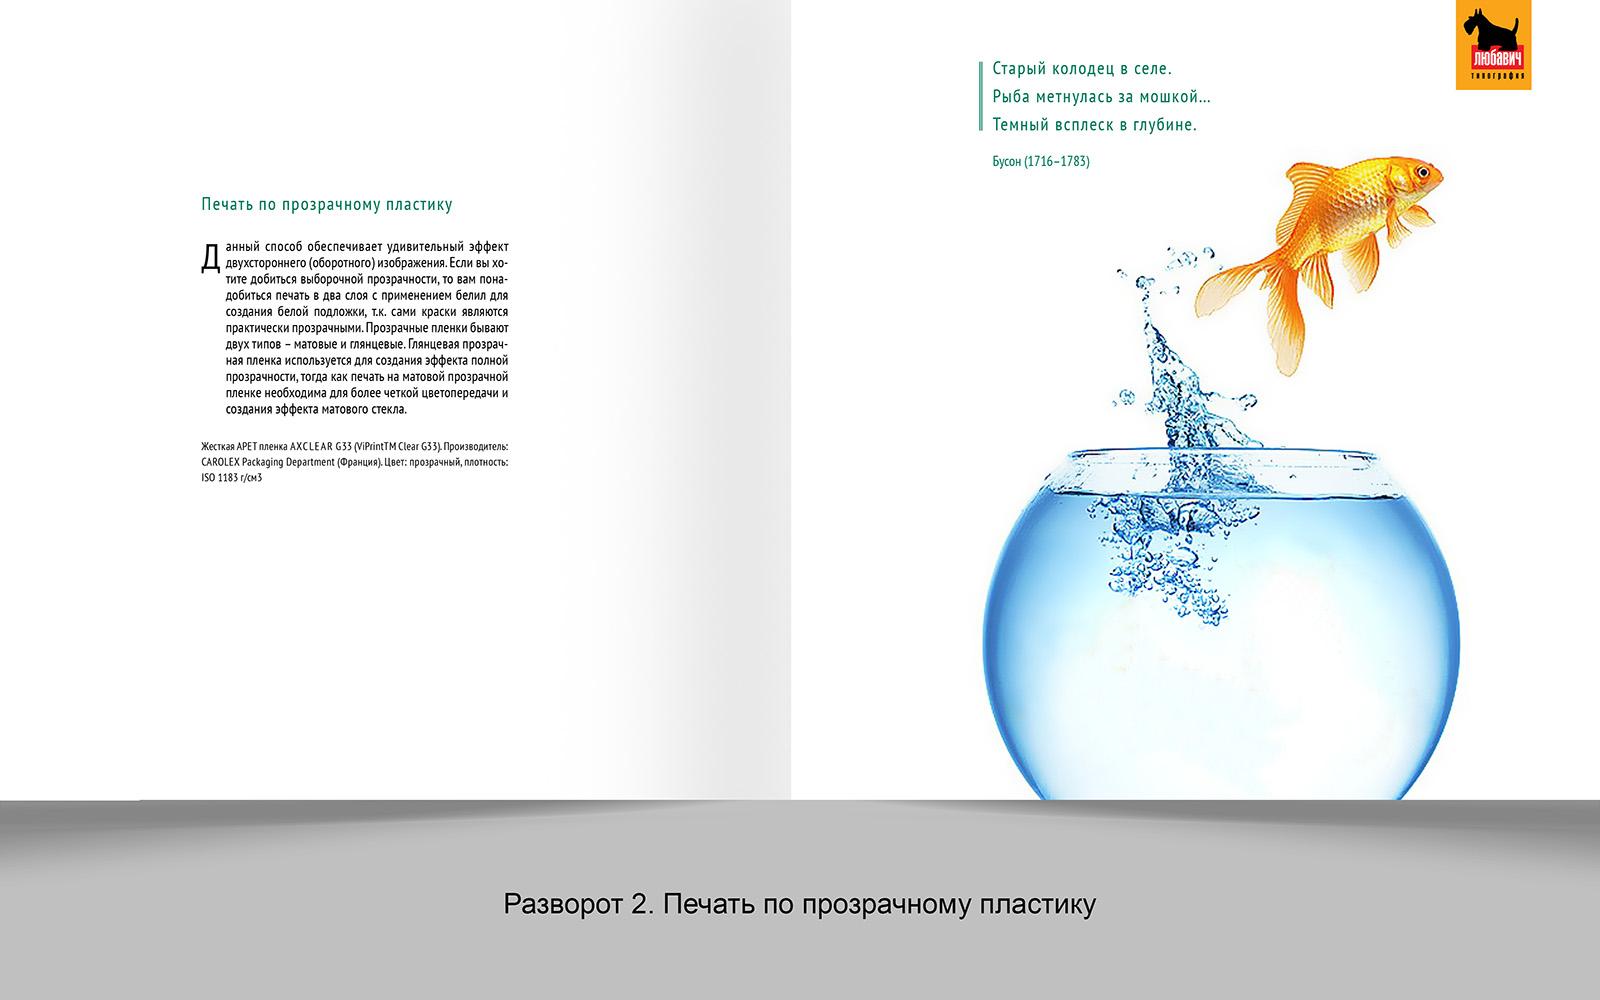 Дизайн рекламной брошюры возможностей типографии фото f_8665648d4a0a88b5.jpg